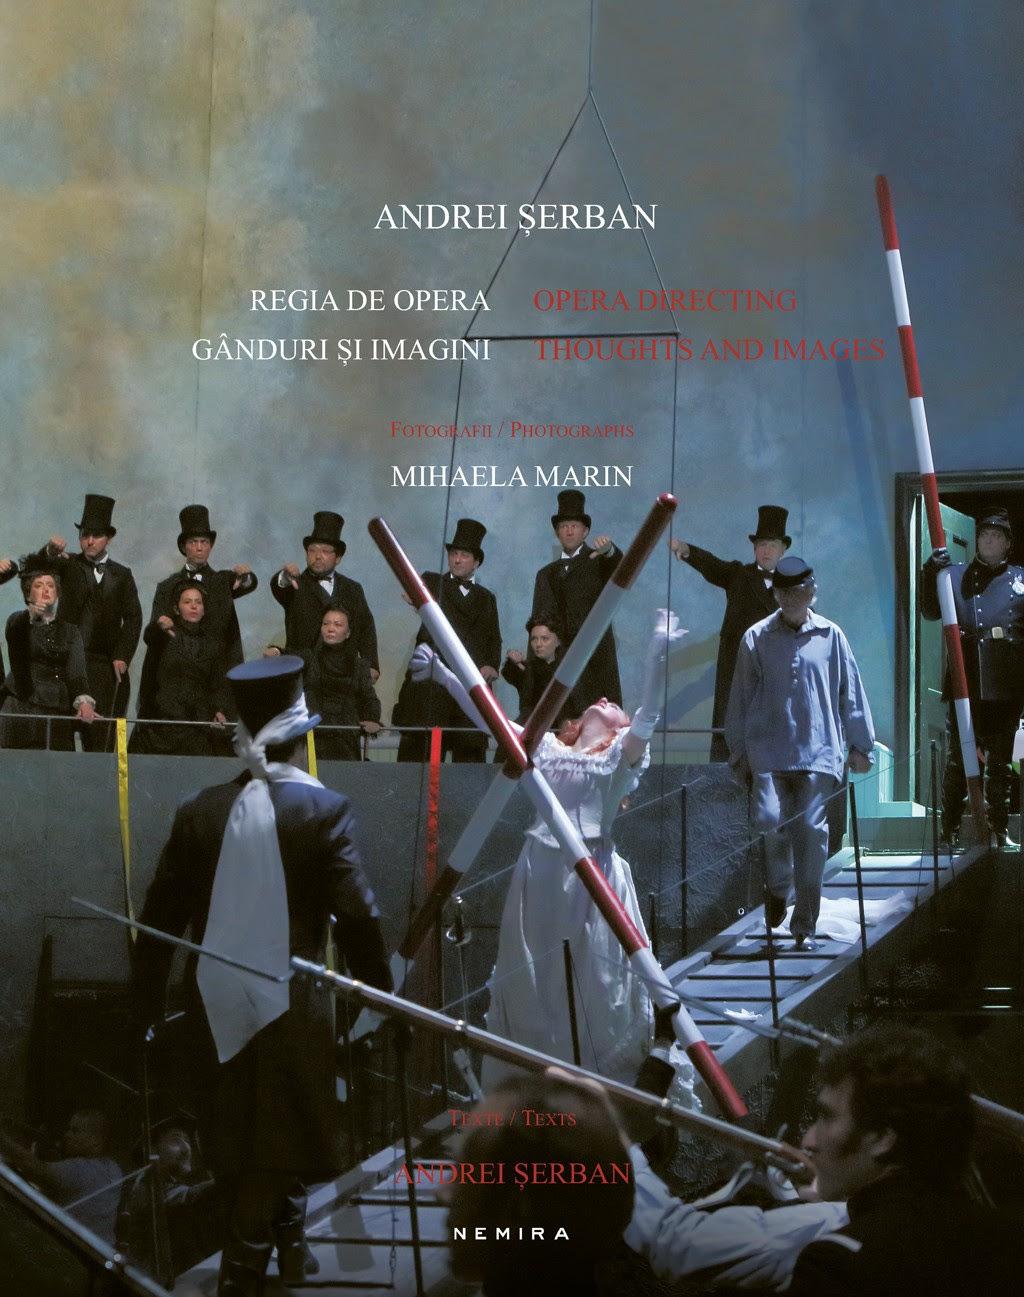 """Lansarea albumului """"Regia de operă. Gânduri și imagini"""", de Andrei Serban, la Opera Națională Română din Iași"""